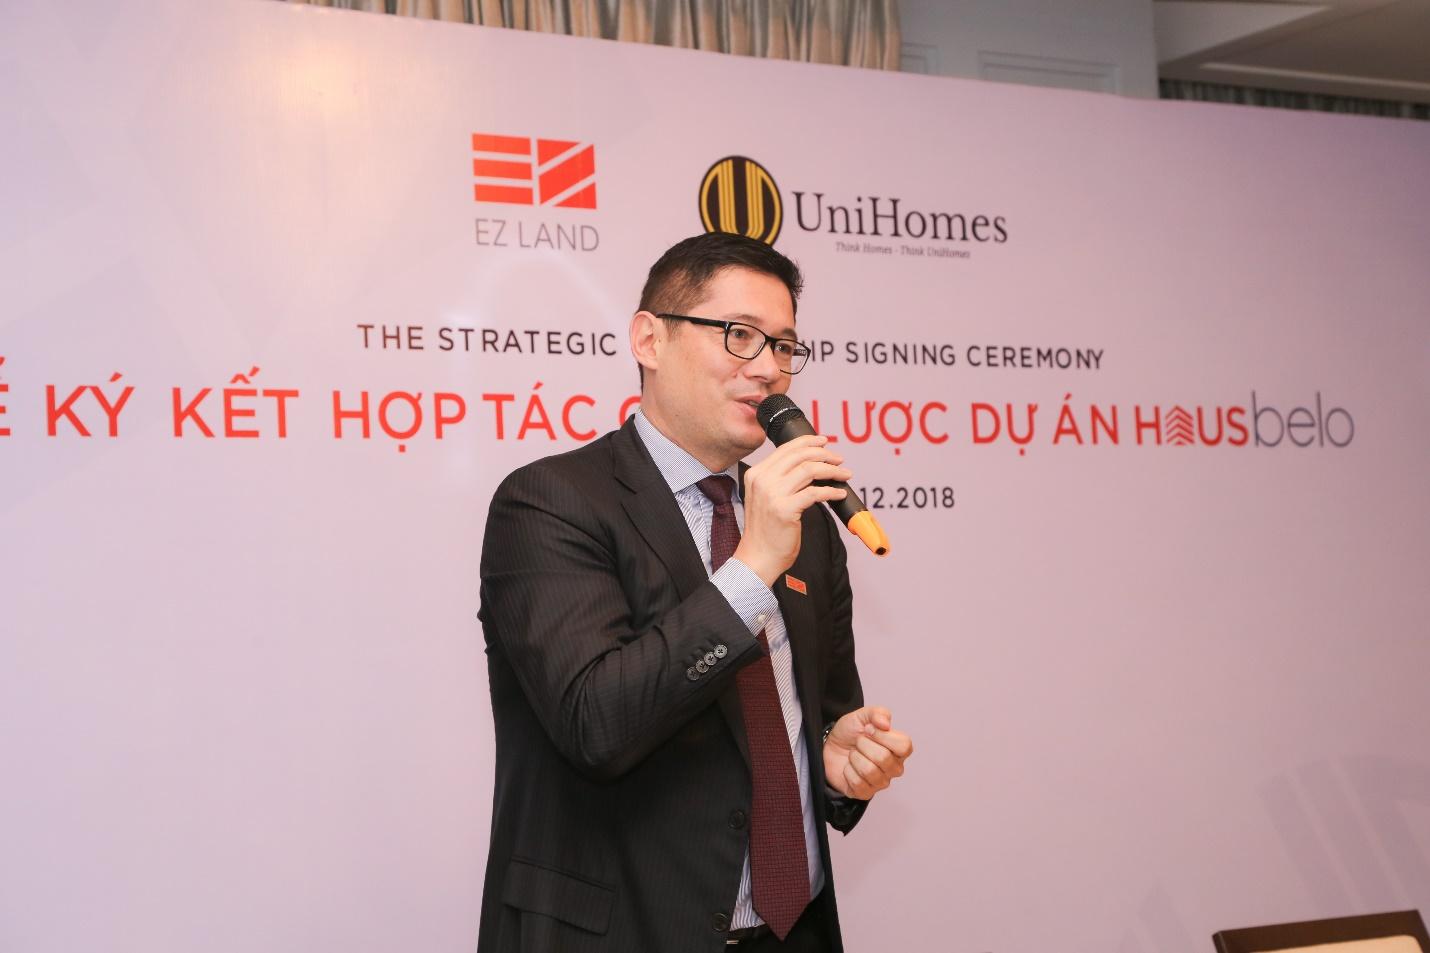 EZ Land và UniHomes hợp tác phân phối Dự án HausBelo